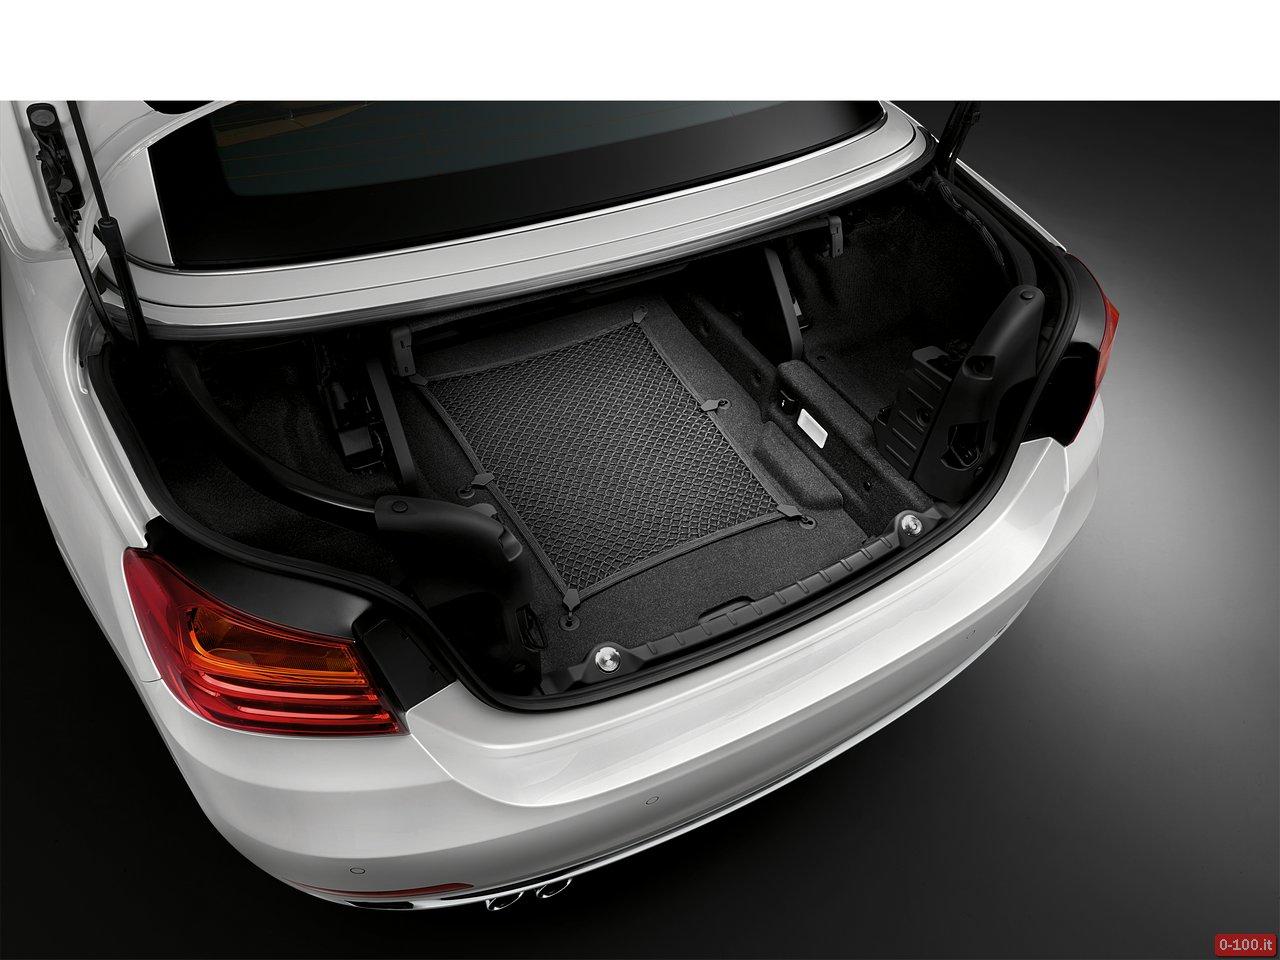 BMW-serie-4-cabrio-420d-428i-435i-cabrio_65